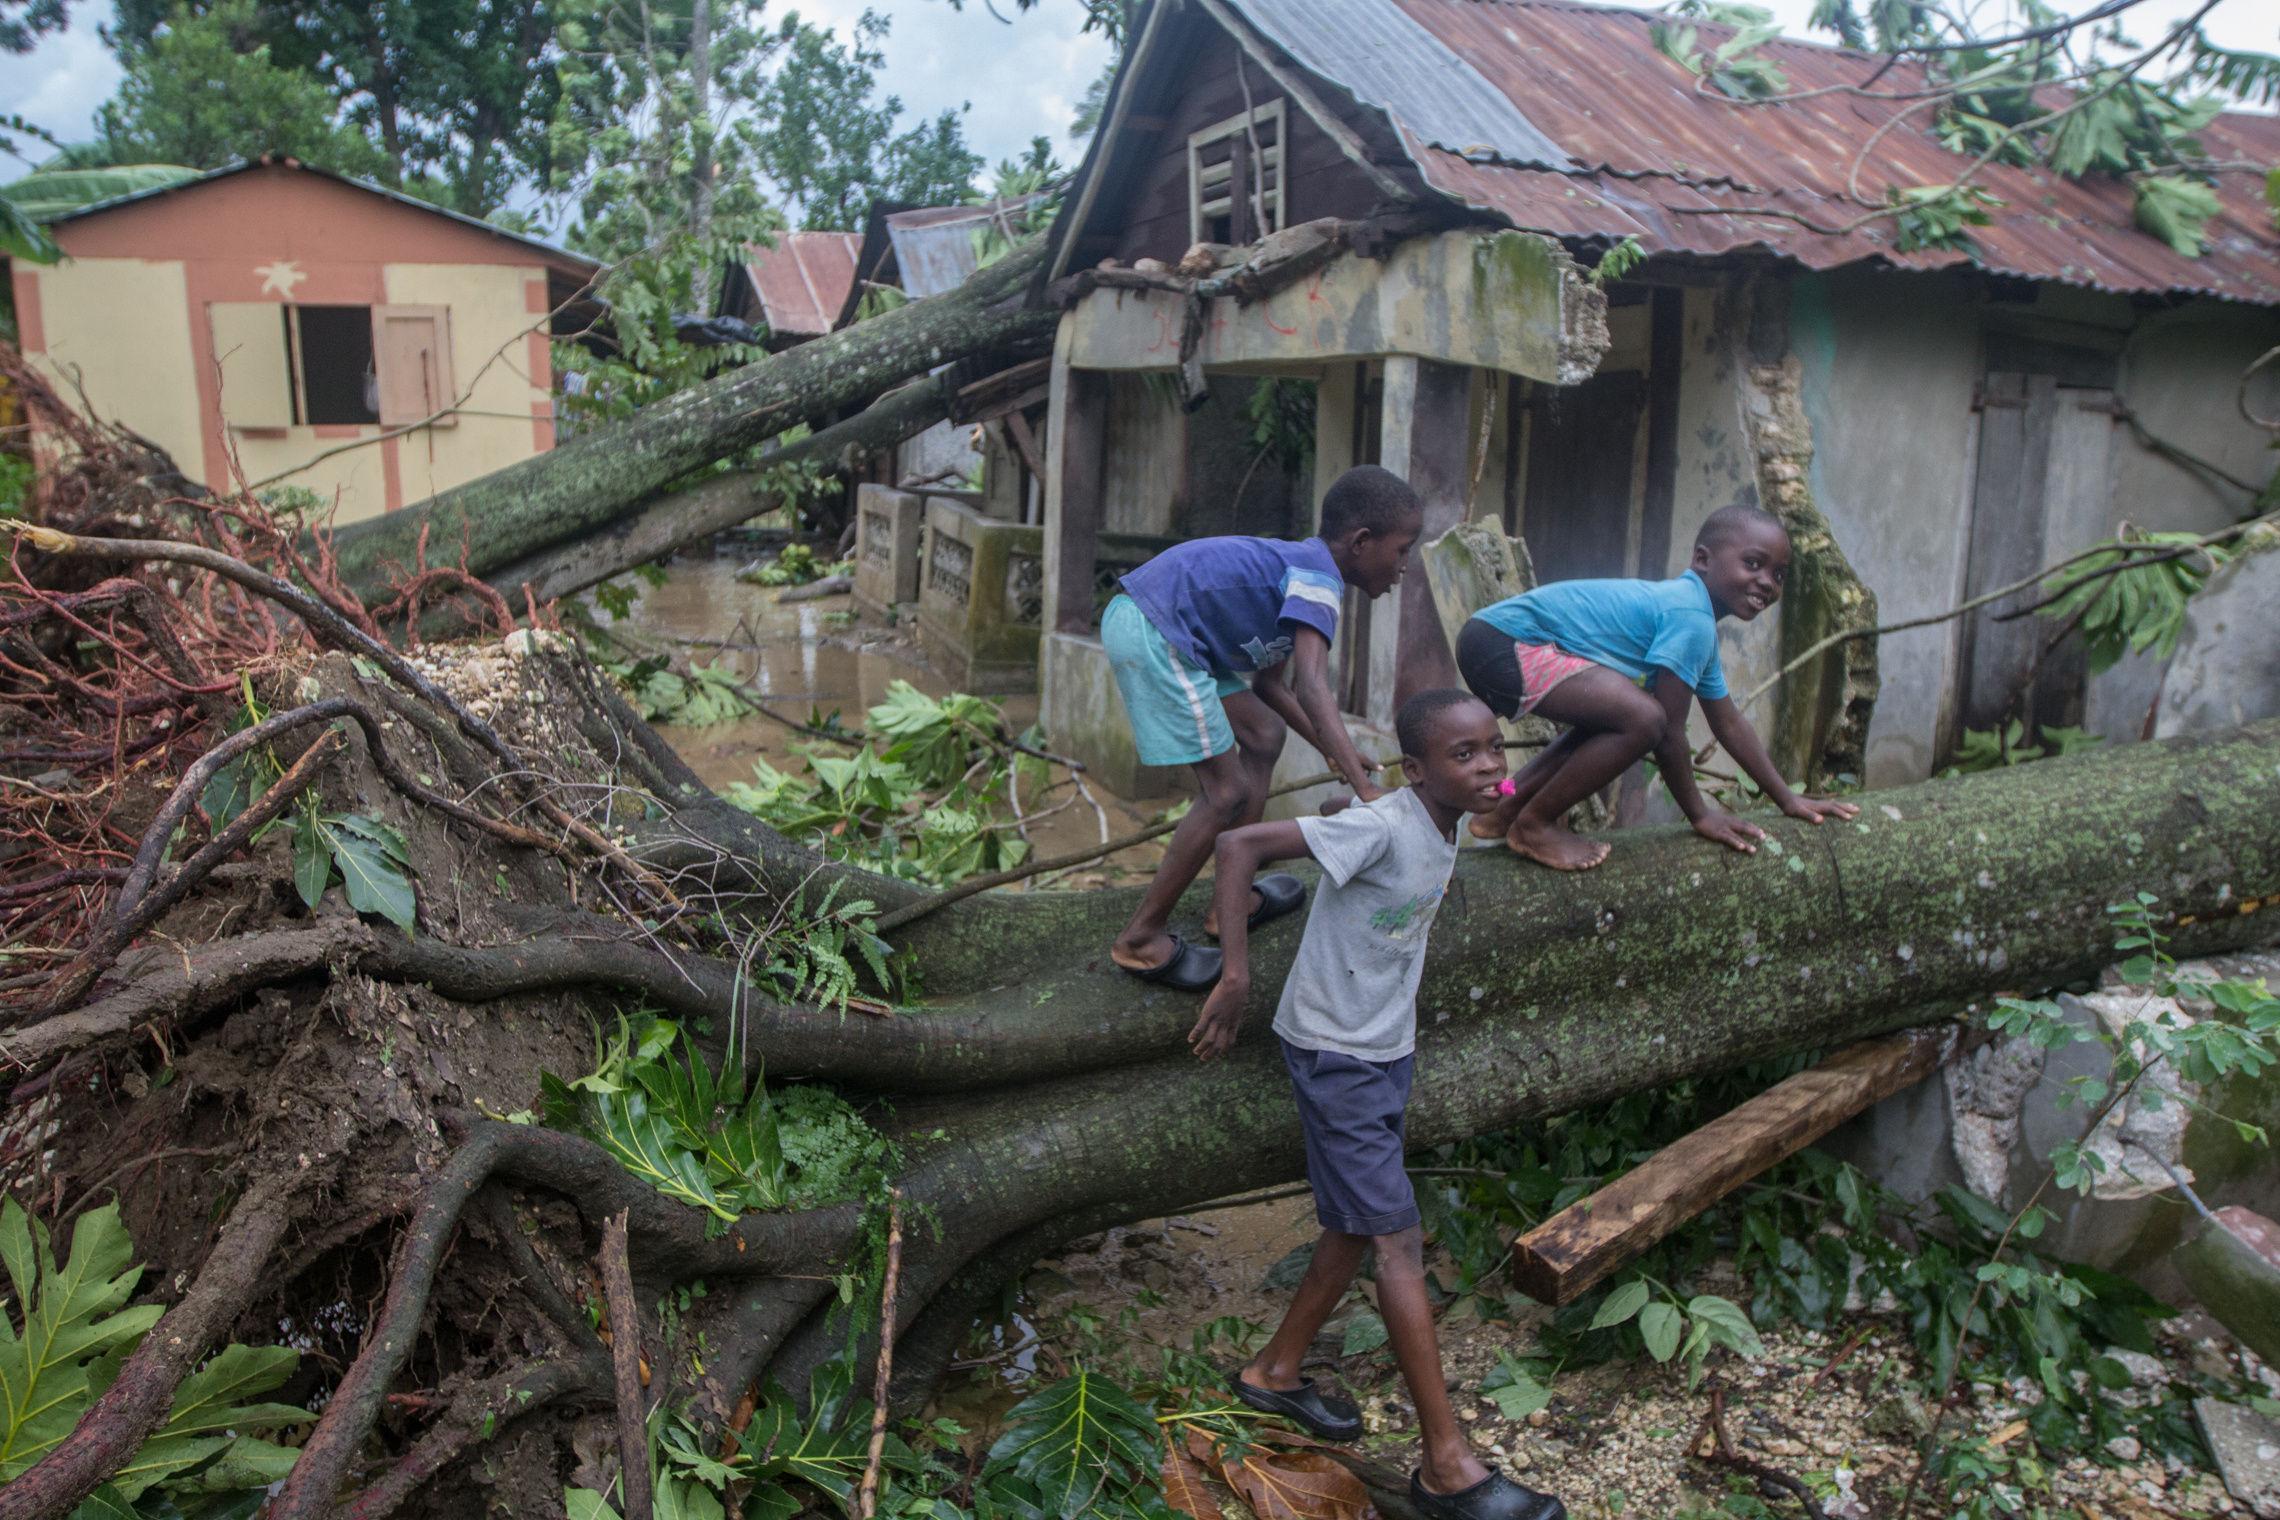 CORRIGE UBICACIÓN. HAI07 - Lakil de Léogâne (HAITÍ), 10/05/2016- Aspecto de una vivienda afectada por los fuertes vientos y la lluvia hoy, miércoles 5 de octubre de 2016, un día después del paso del huracán Matthew en Lakil de Léogâne (Haití). El huracán Matthew tocó tierra ayer en Haití dejando a su paso al menos nueve muertos, miles de desplazados y comunidades incomunicadas, principalmente en el suroeste de la nación caribeña. EFE/ Bahare Khodabande